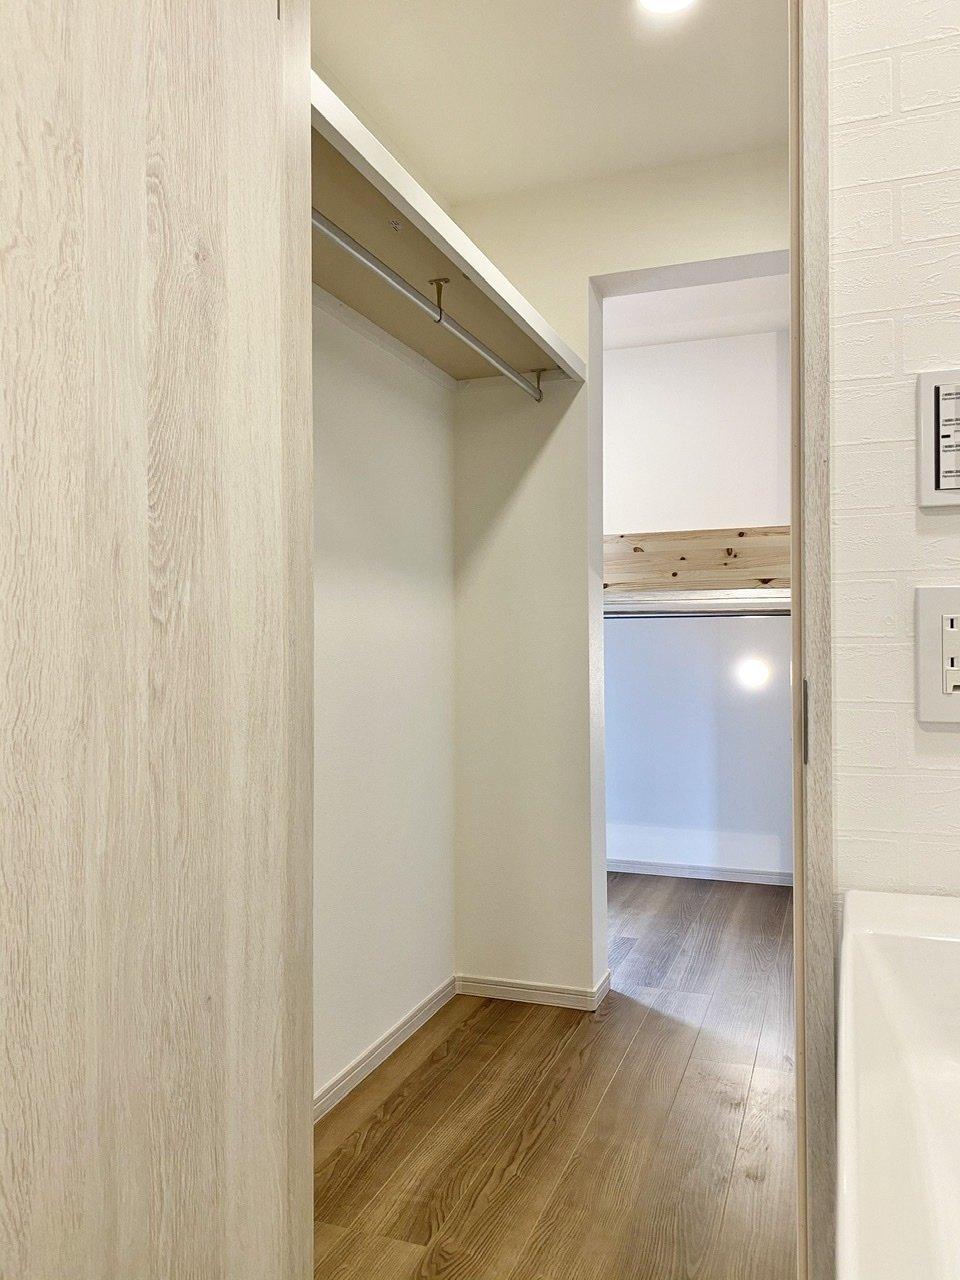 さらにウォークインクローゼットも完備。しかも部屋→ウォークインクローゼット→洗面台&脱衣所とつながっているので、乾燥後の動線もばっちりです。